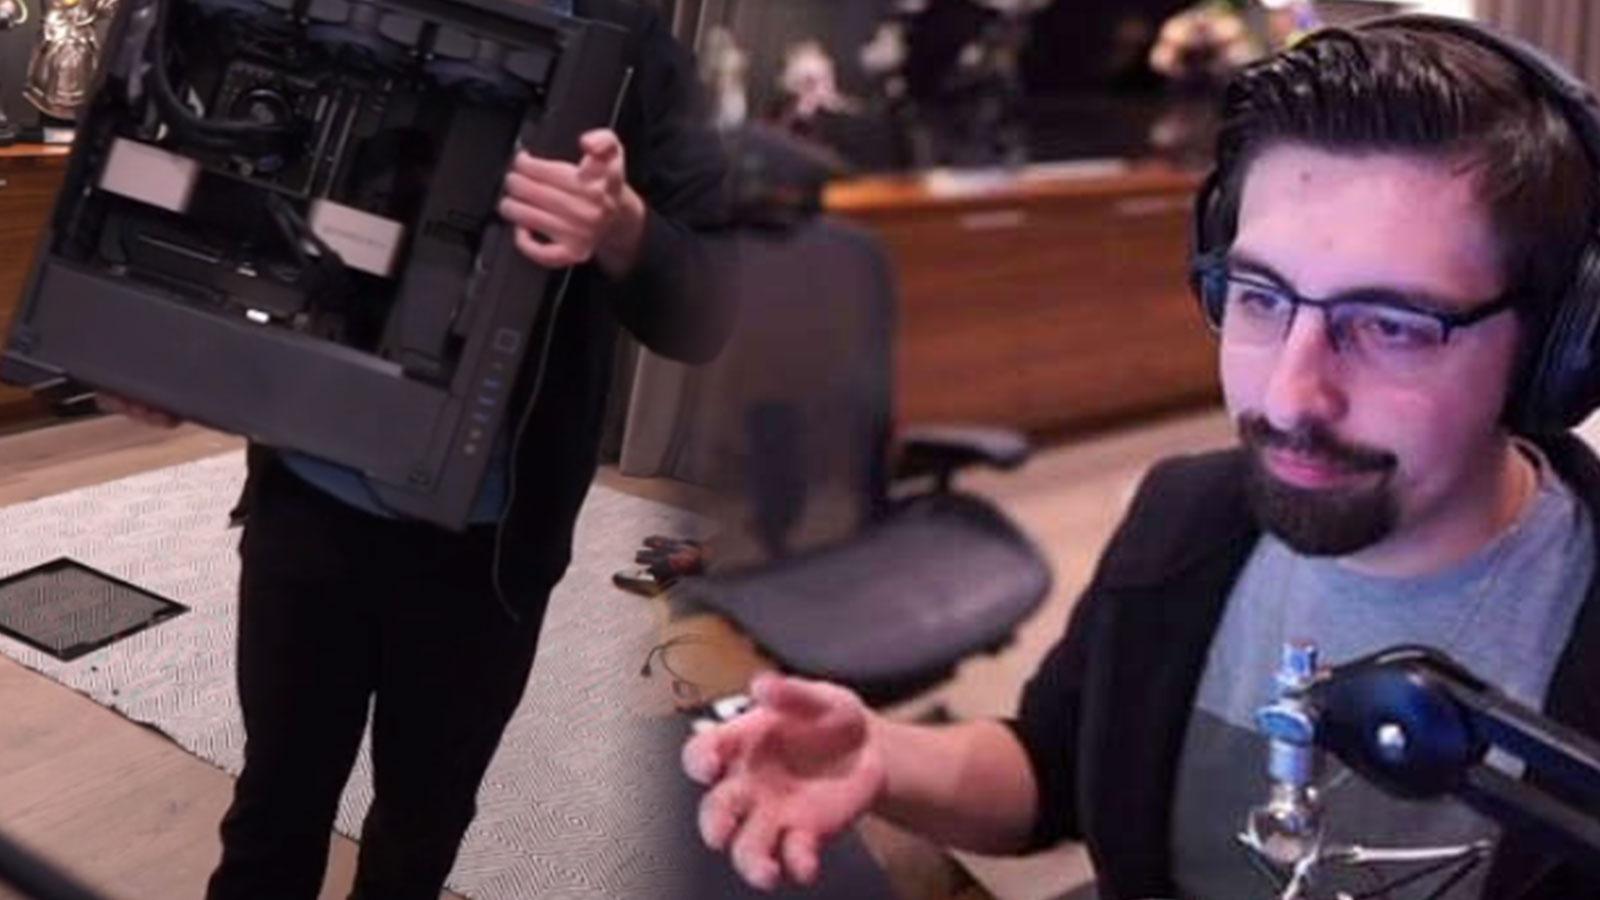 Les viewers de Shroud ont été amusés par le nouveau PC de Shroud